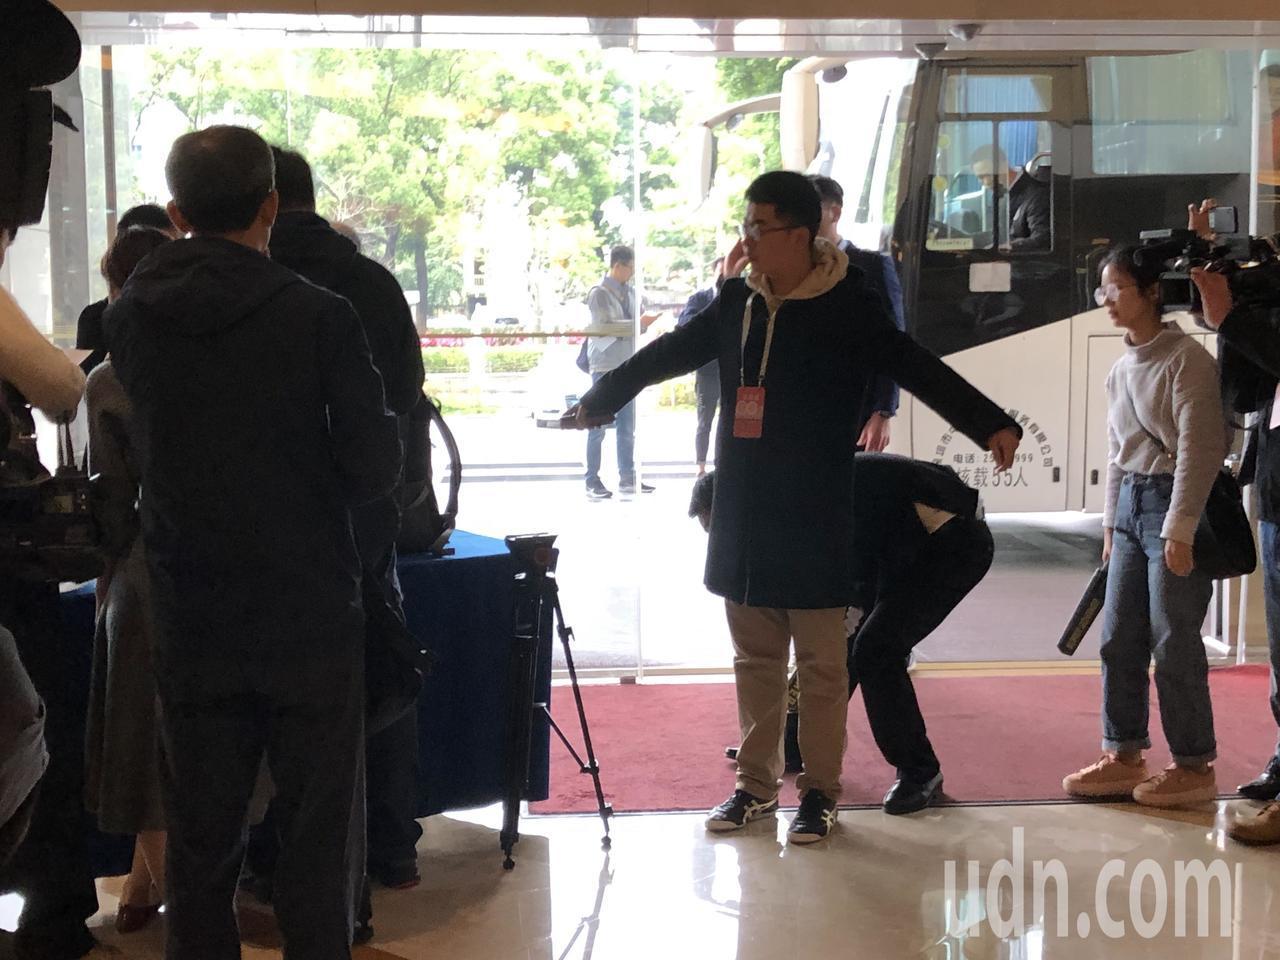 深圳官方就直接在酒店門口搜身,不少記者也猛拍。記者蔡家蓁/攝影